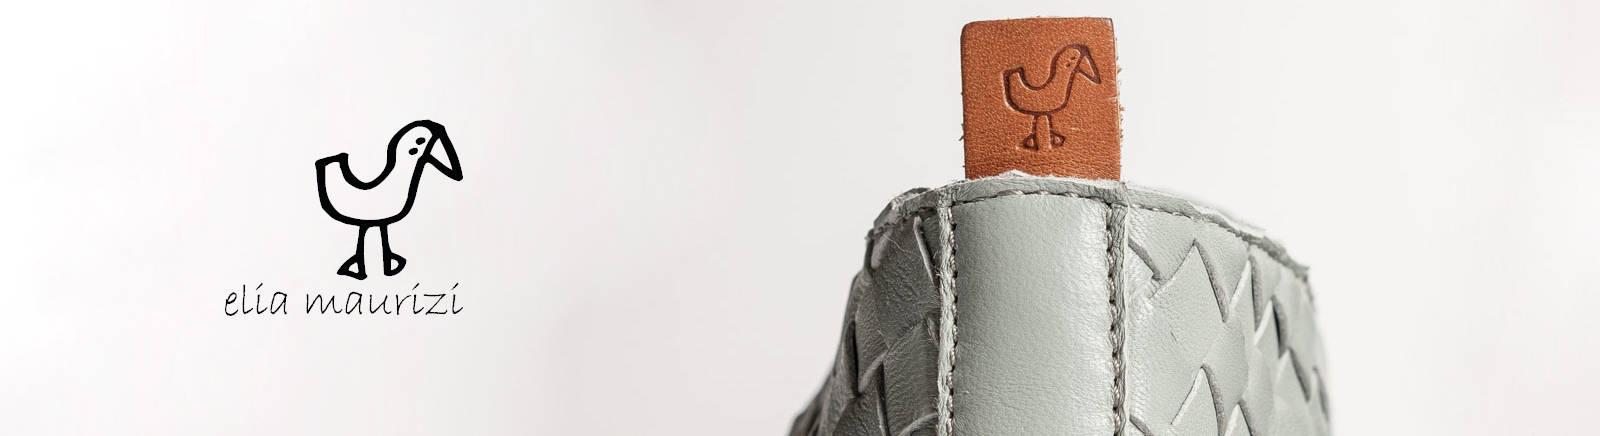 Prange: Elia Maurizi Herren Boots online shoppen